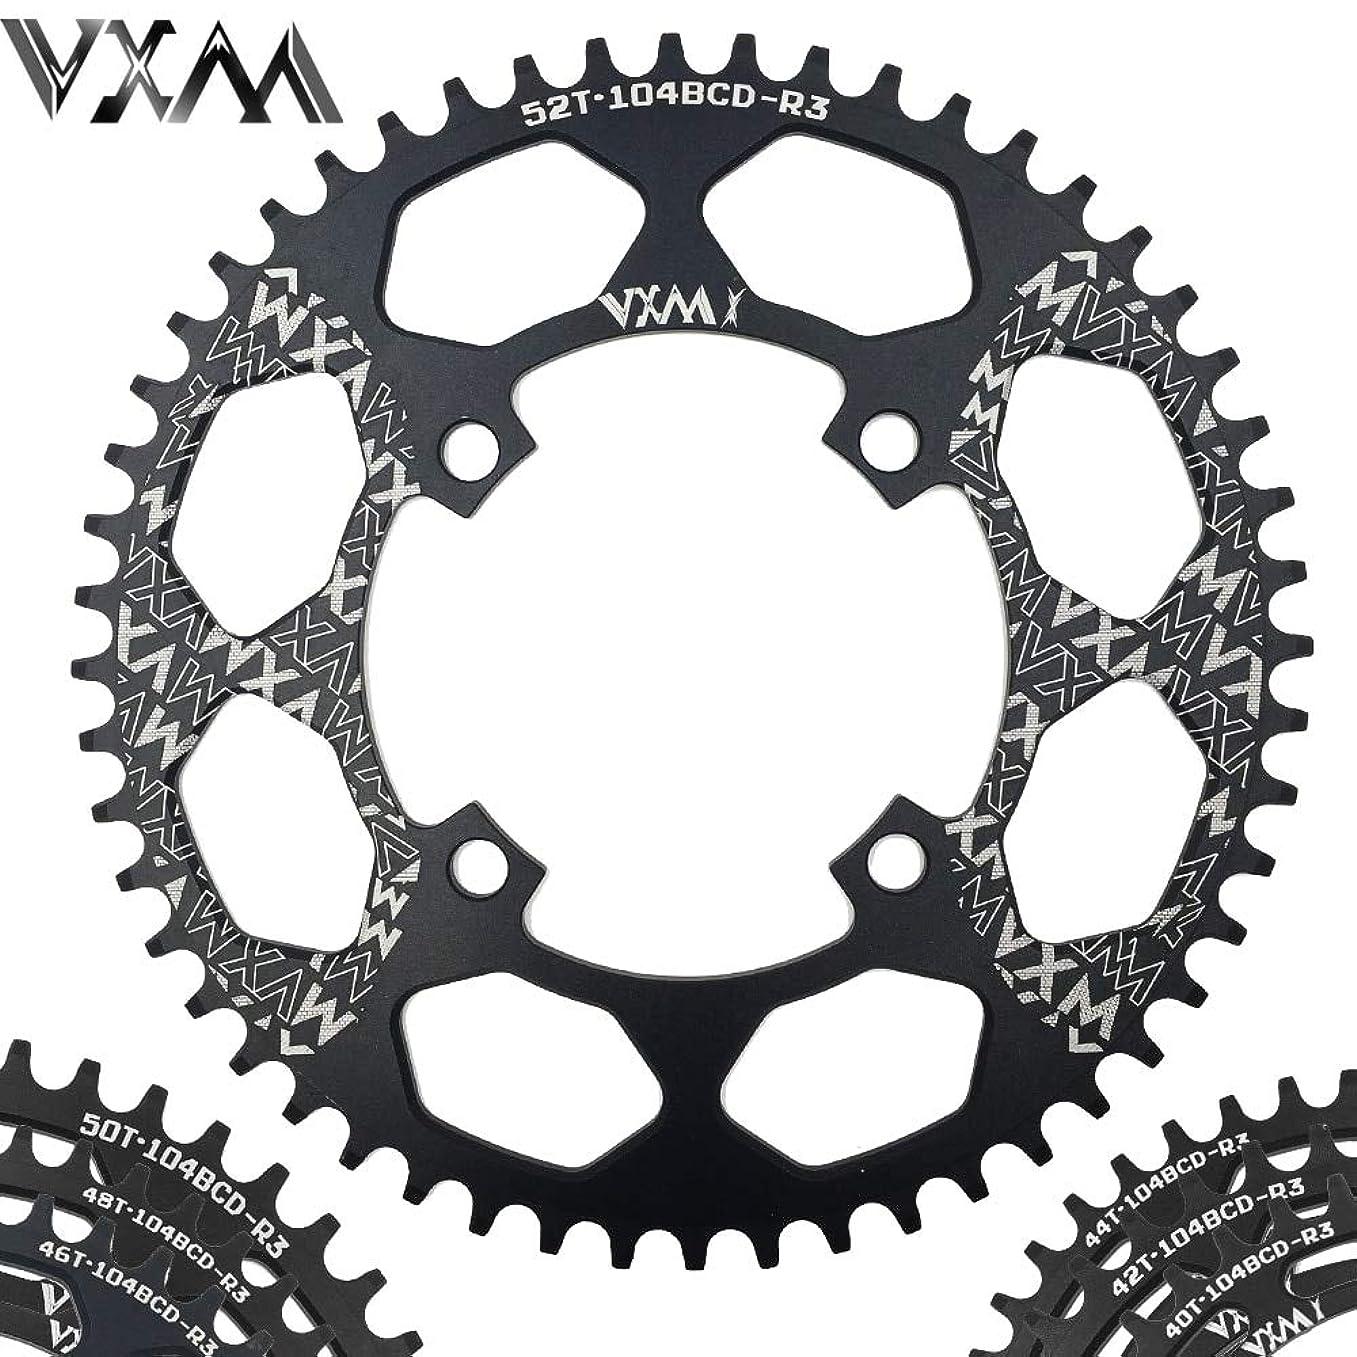 ぬいぐるみ強化個人的にPropenary - Bicycle Aluminum Chainring 104BCD 40T 42T 44T 46T 48T 50T 52T Mountain Bicycle Chainwheel Bike Crankset Bicycle Parts [ 104BCD 50T ]